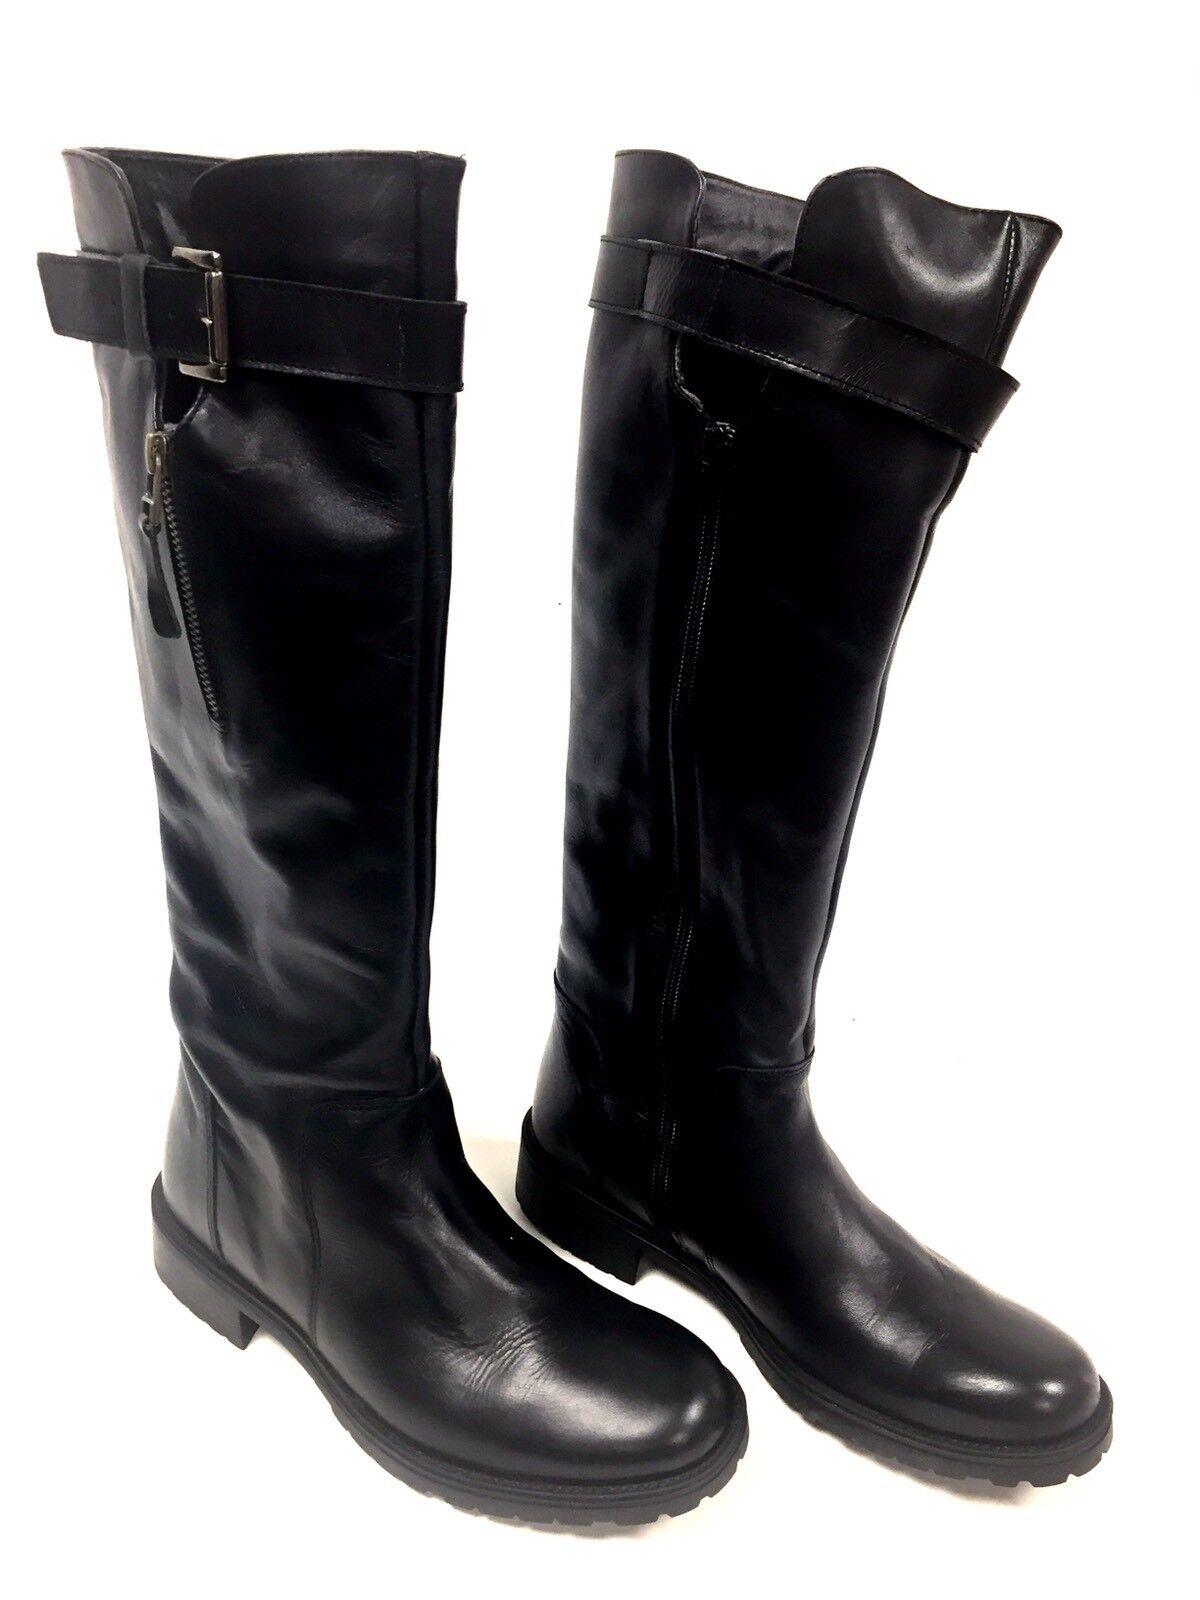 kvinnor svart läder läder läder pascal morbito storlek 39 fr  8 oss  lycklig shopping